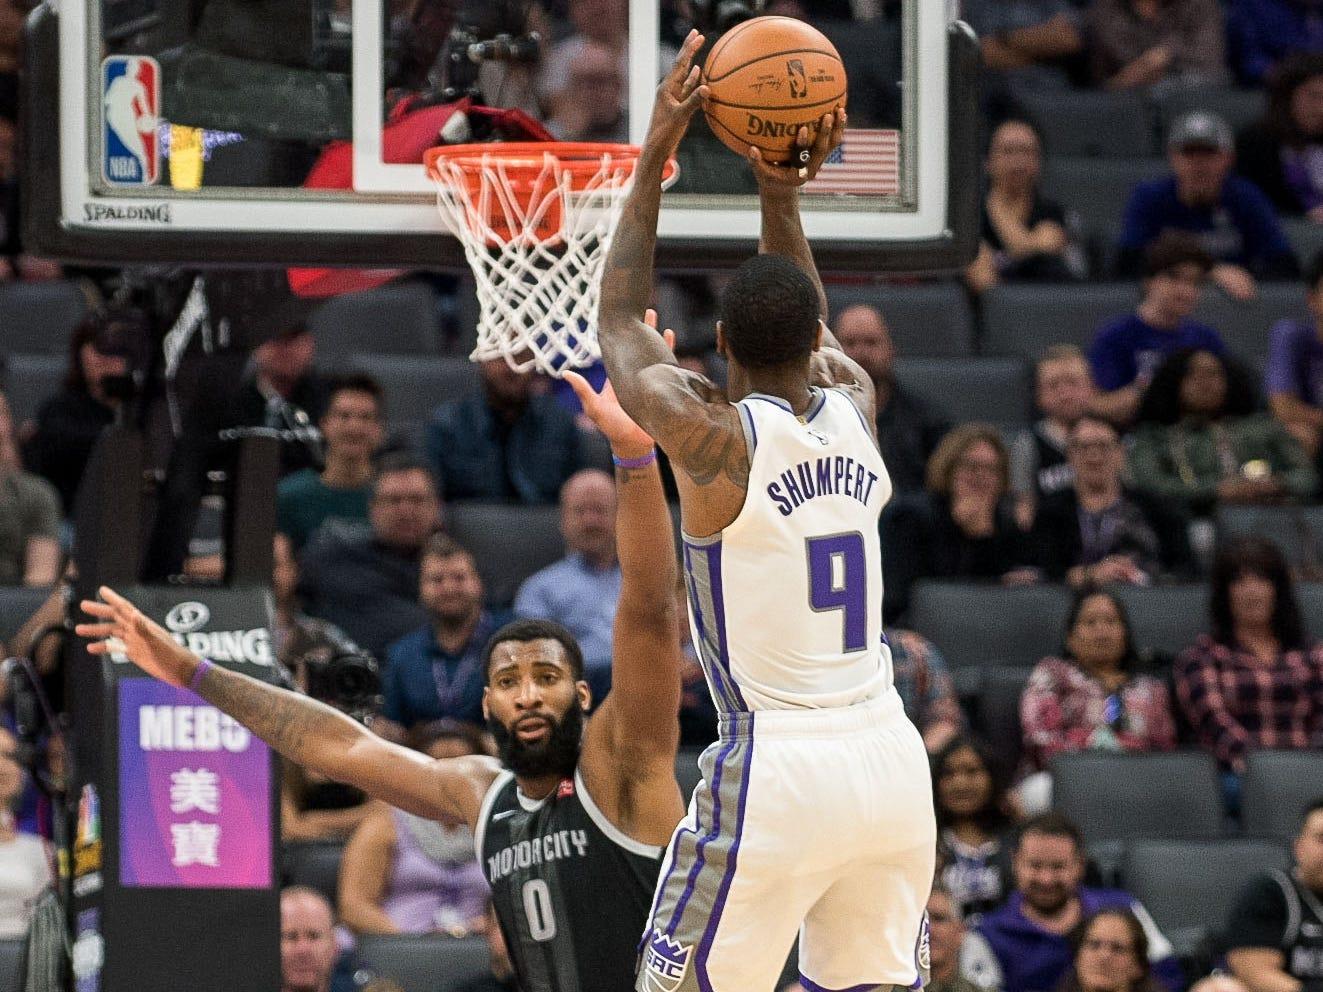 Sacramento Kings guard Iman Shumpert (9) takes a shot over Detroit Pistons center Andre Drummond (0) during the second quarter at Golden 1 Center on Thursday, Jan. 10, 2019, in Sacramento, Calif.